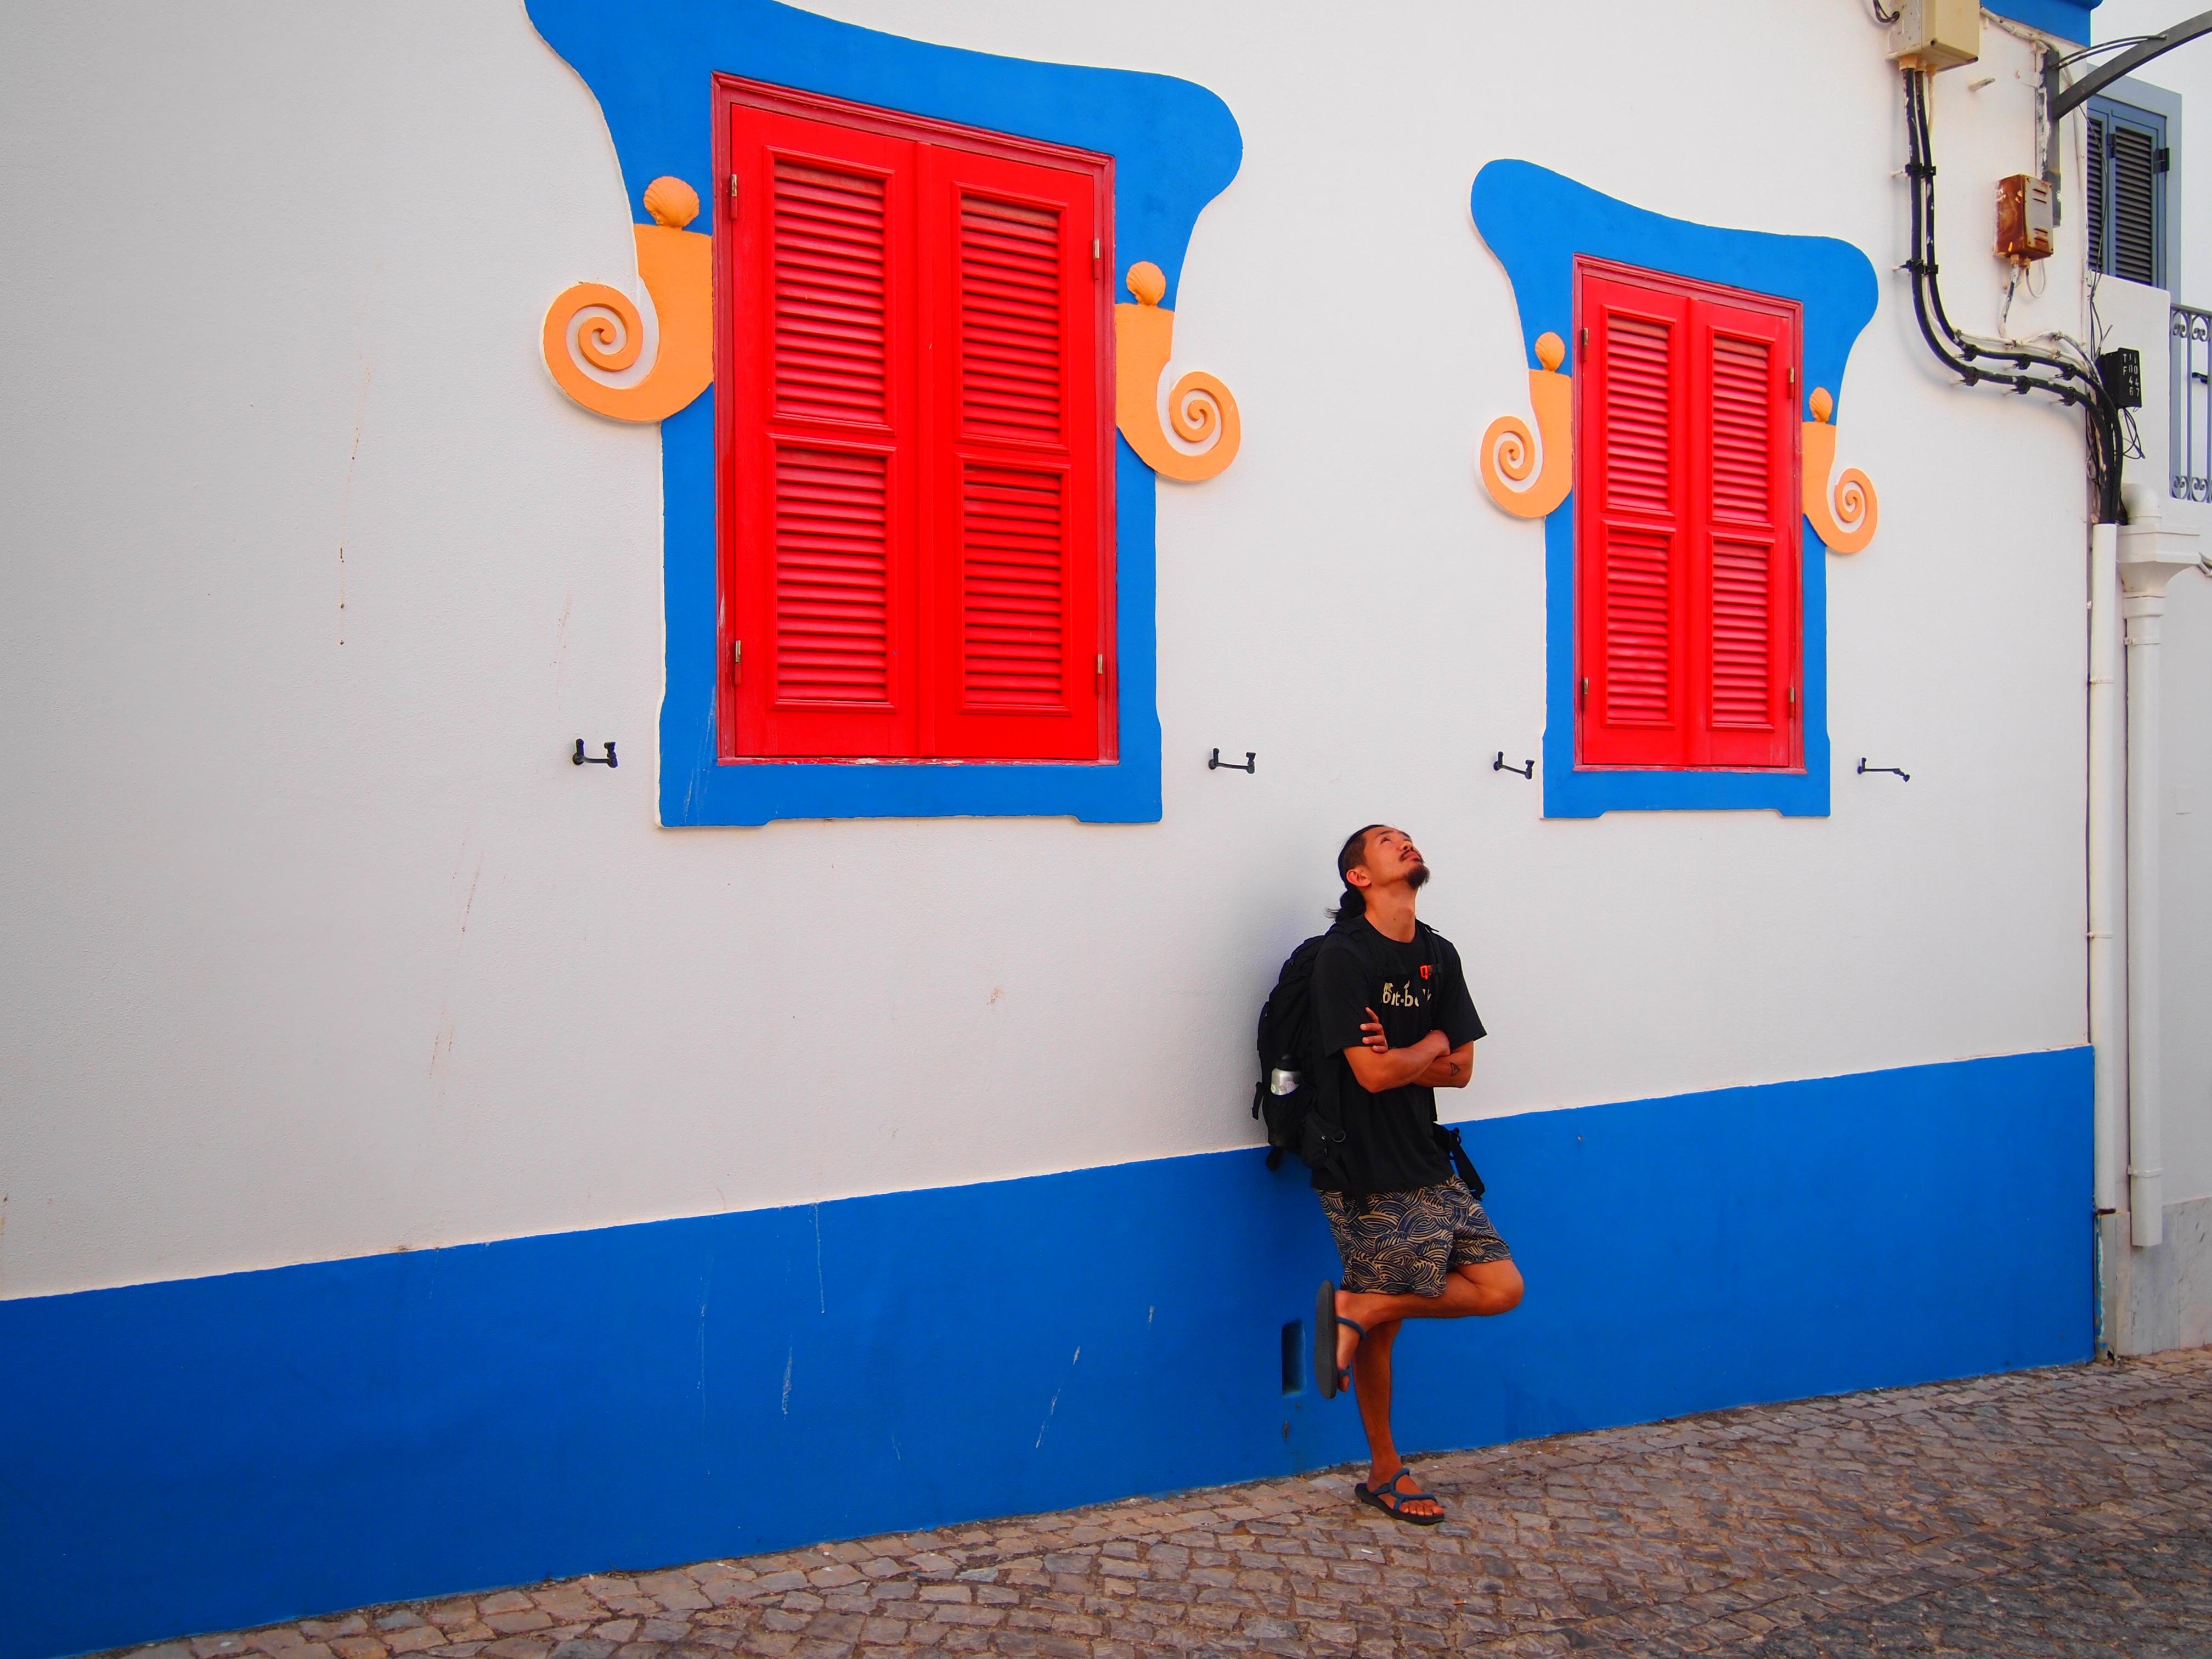 ラゴス ポルトガル 世界一周 旅 夫婦 海 砂浜 リゾート 絶景